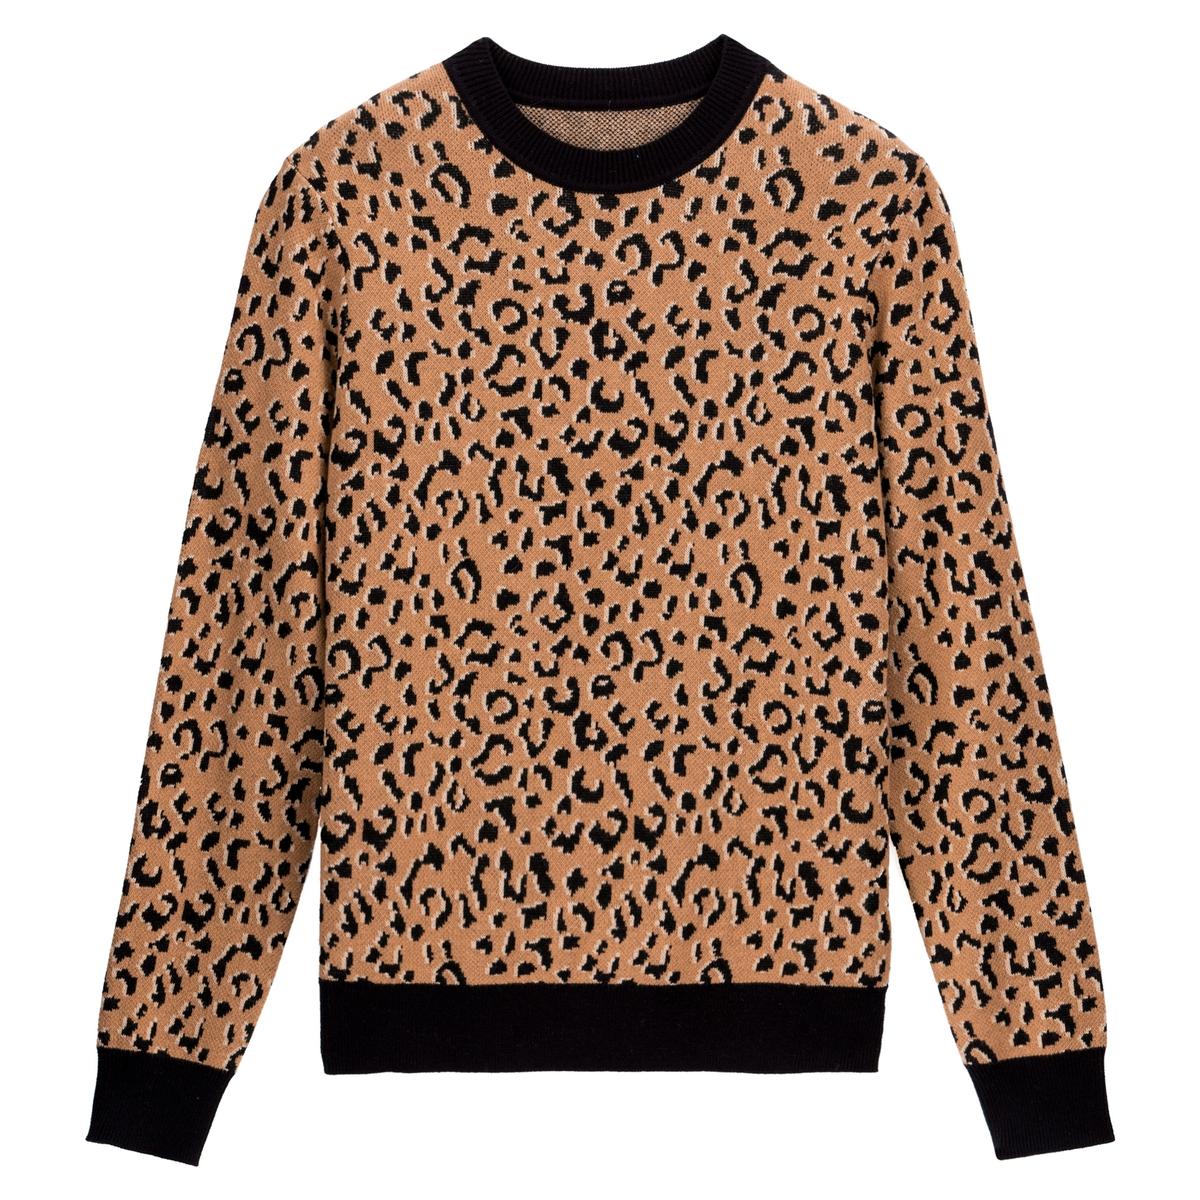 Jersey con cuello redondo de punto fino jacquard leopardo